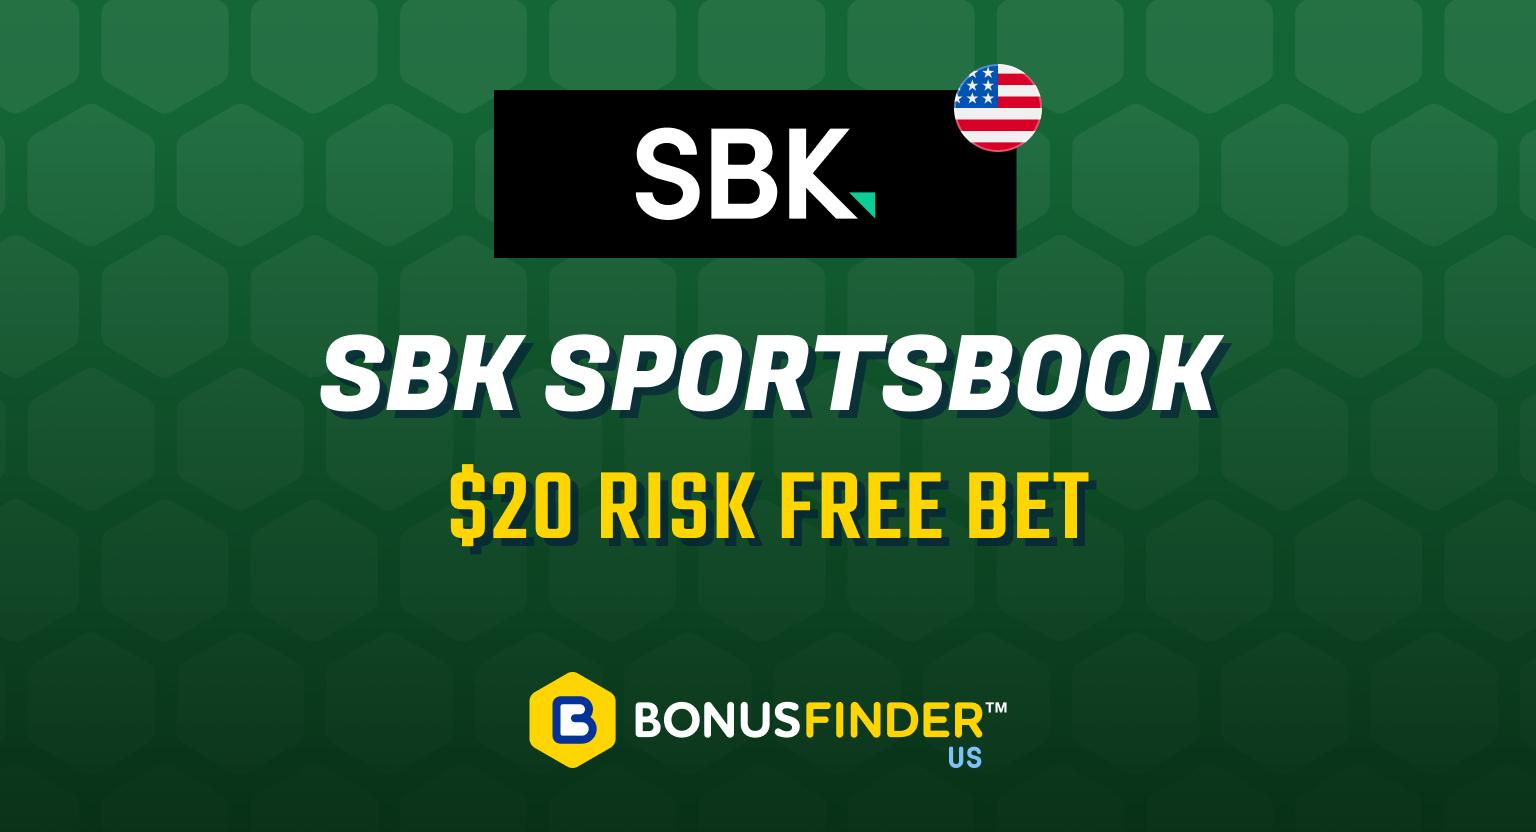 SBK Sportsbook